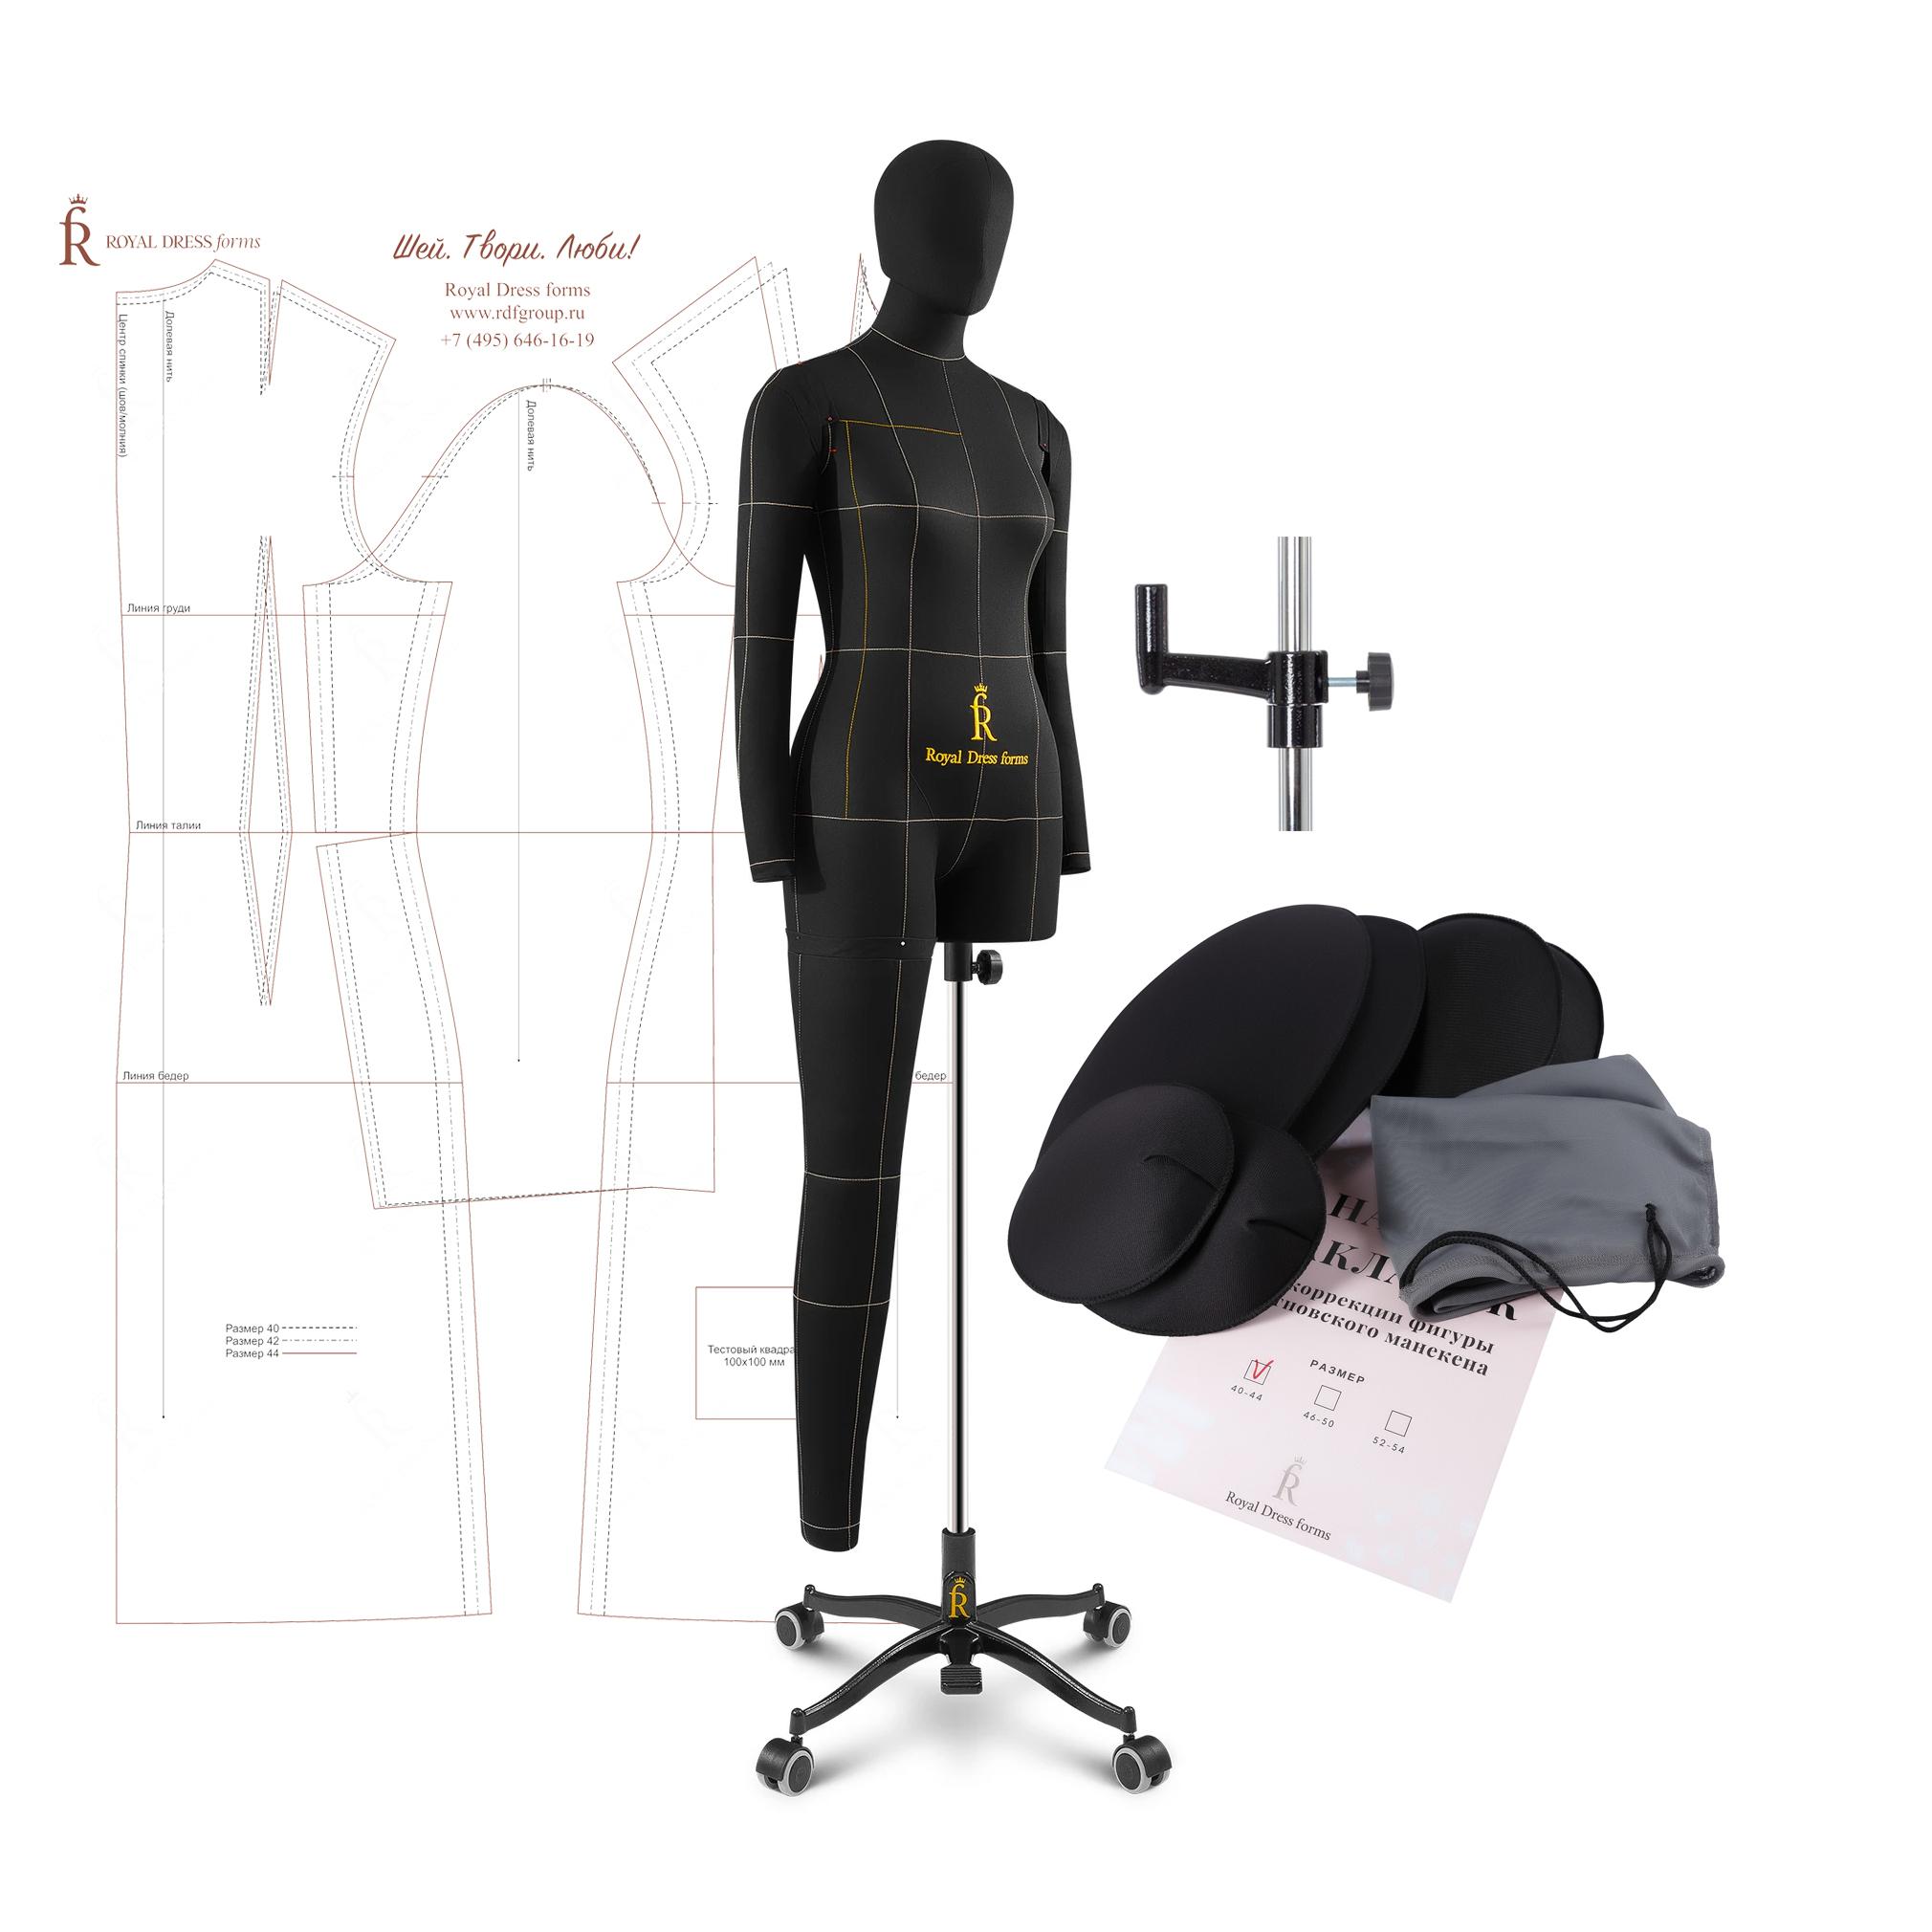 ен портновский Моника, комплект Про, размер 52, цвет черный, в комплекте накладки, руки, нога и голова